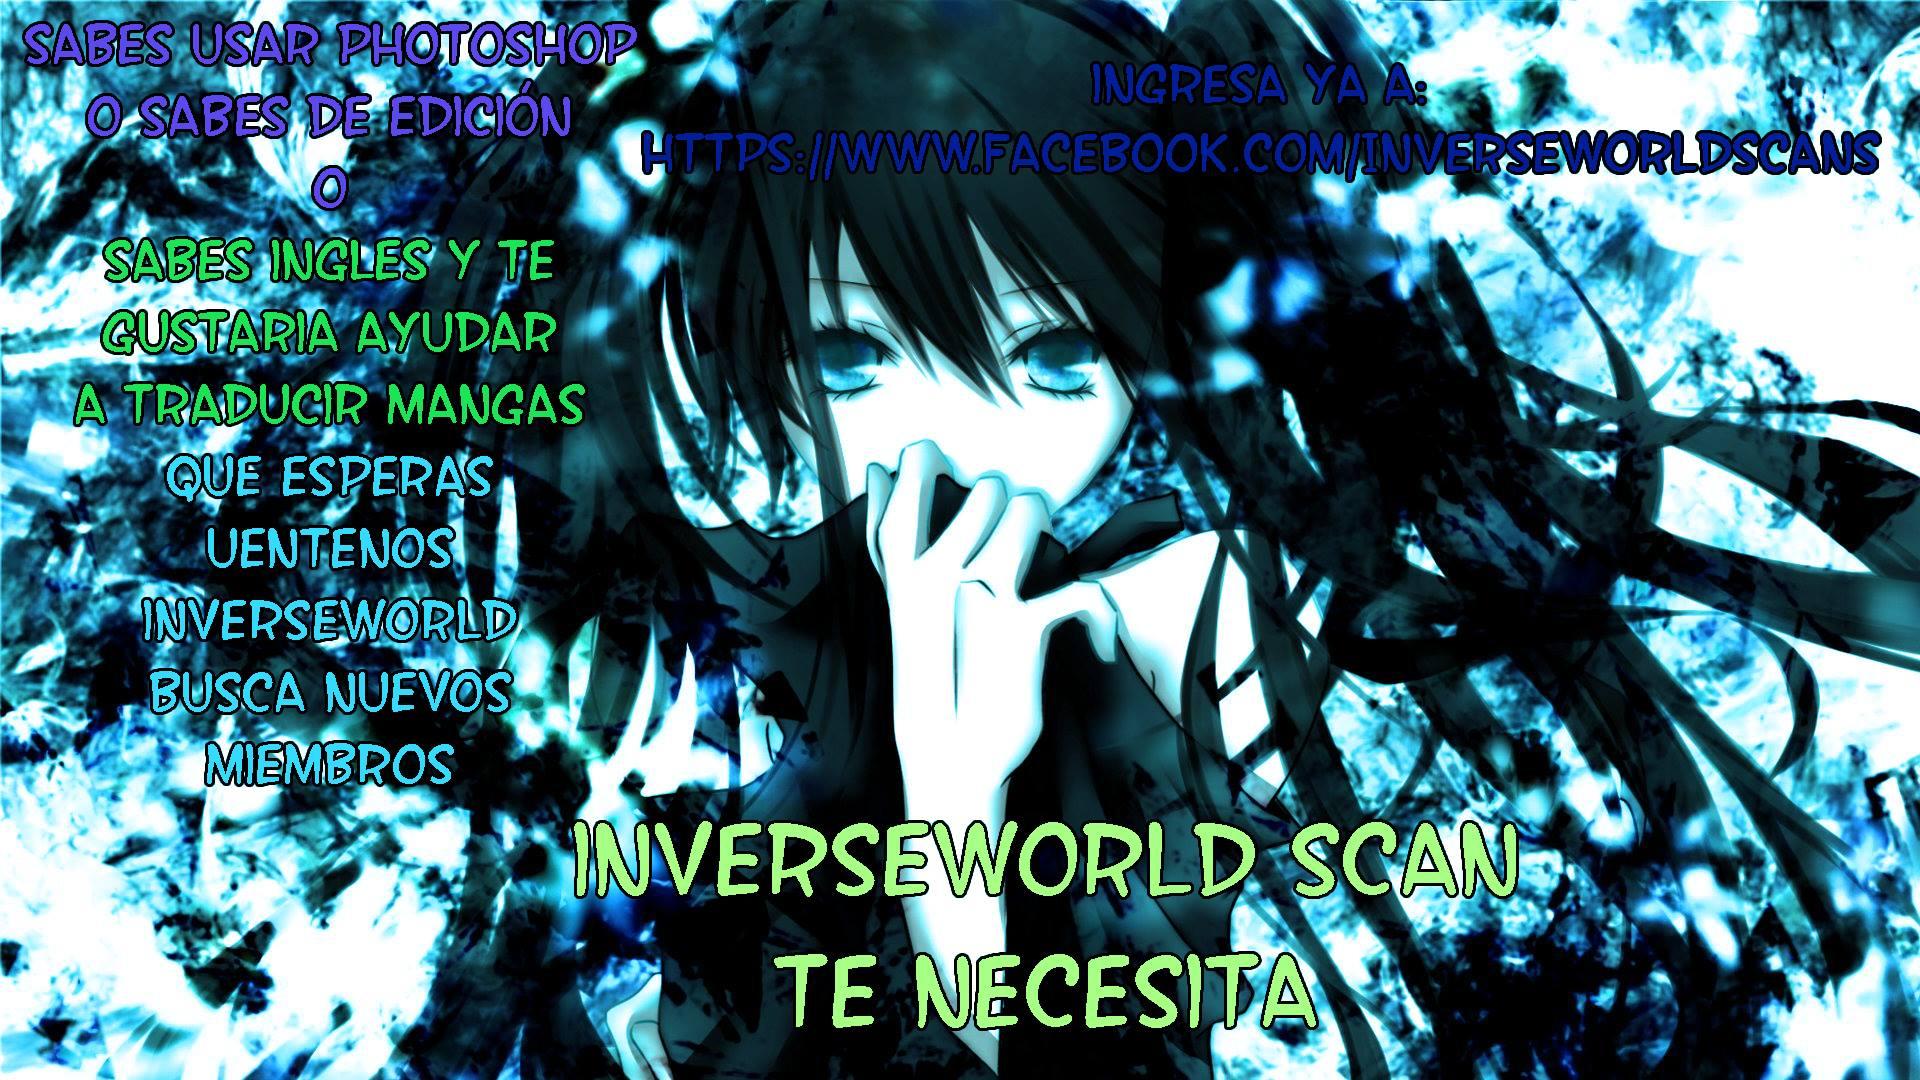 https://c5.mangatag.com/es_manga/18/16210/415303/972c16f442eba60469680bf869dd6a89.jpg Page 1